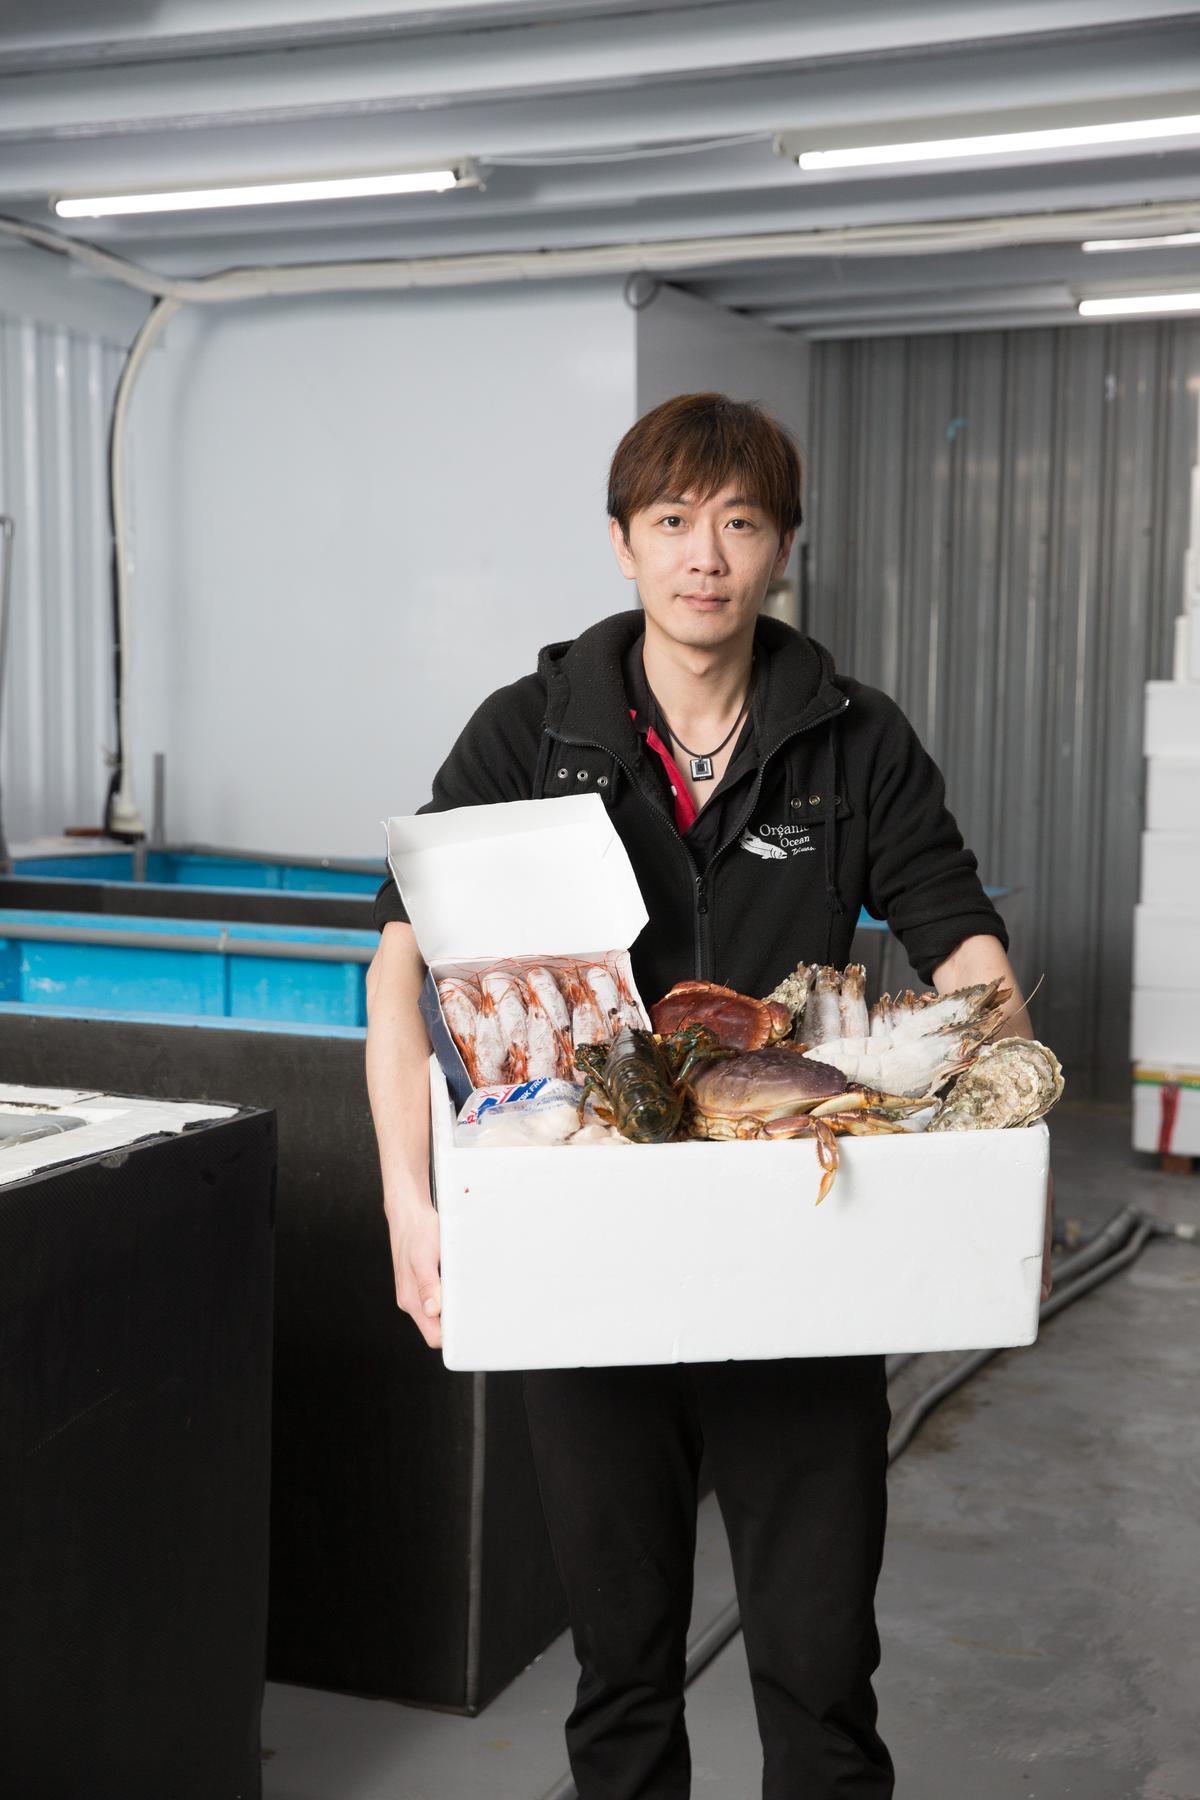 歐根尼海洋公司提供全程冷凍海鮮直送,若民眾想品嘗活龍蝦及活鮑魚,這裡也有特別的包裝運送。